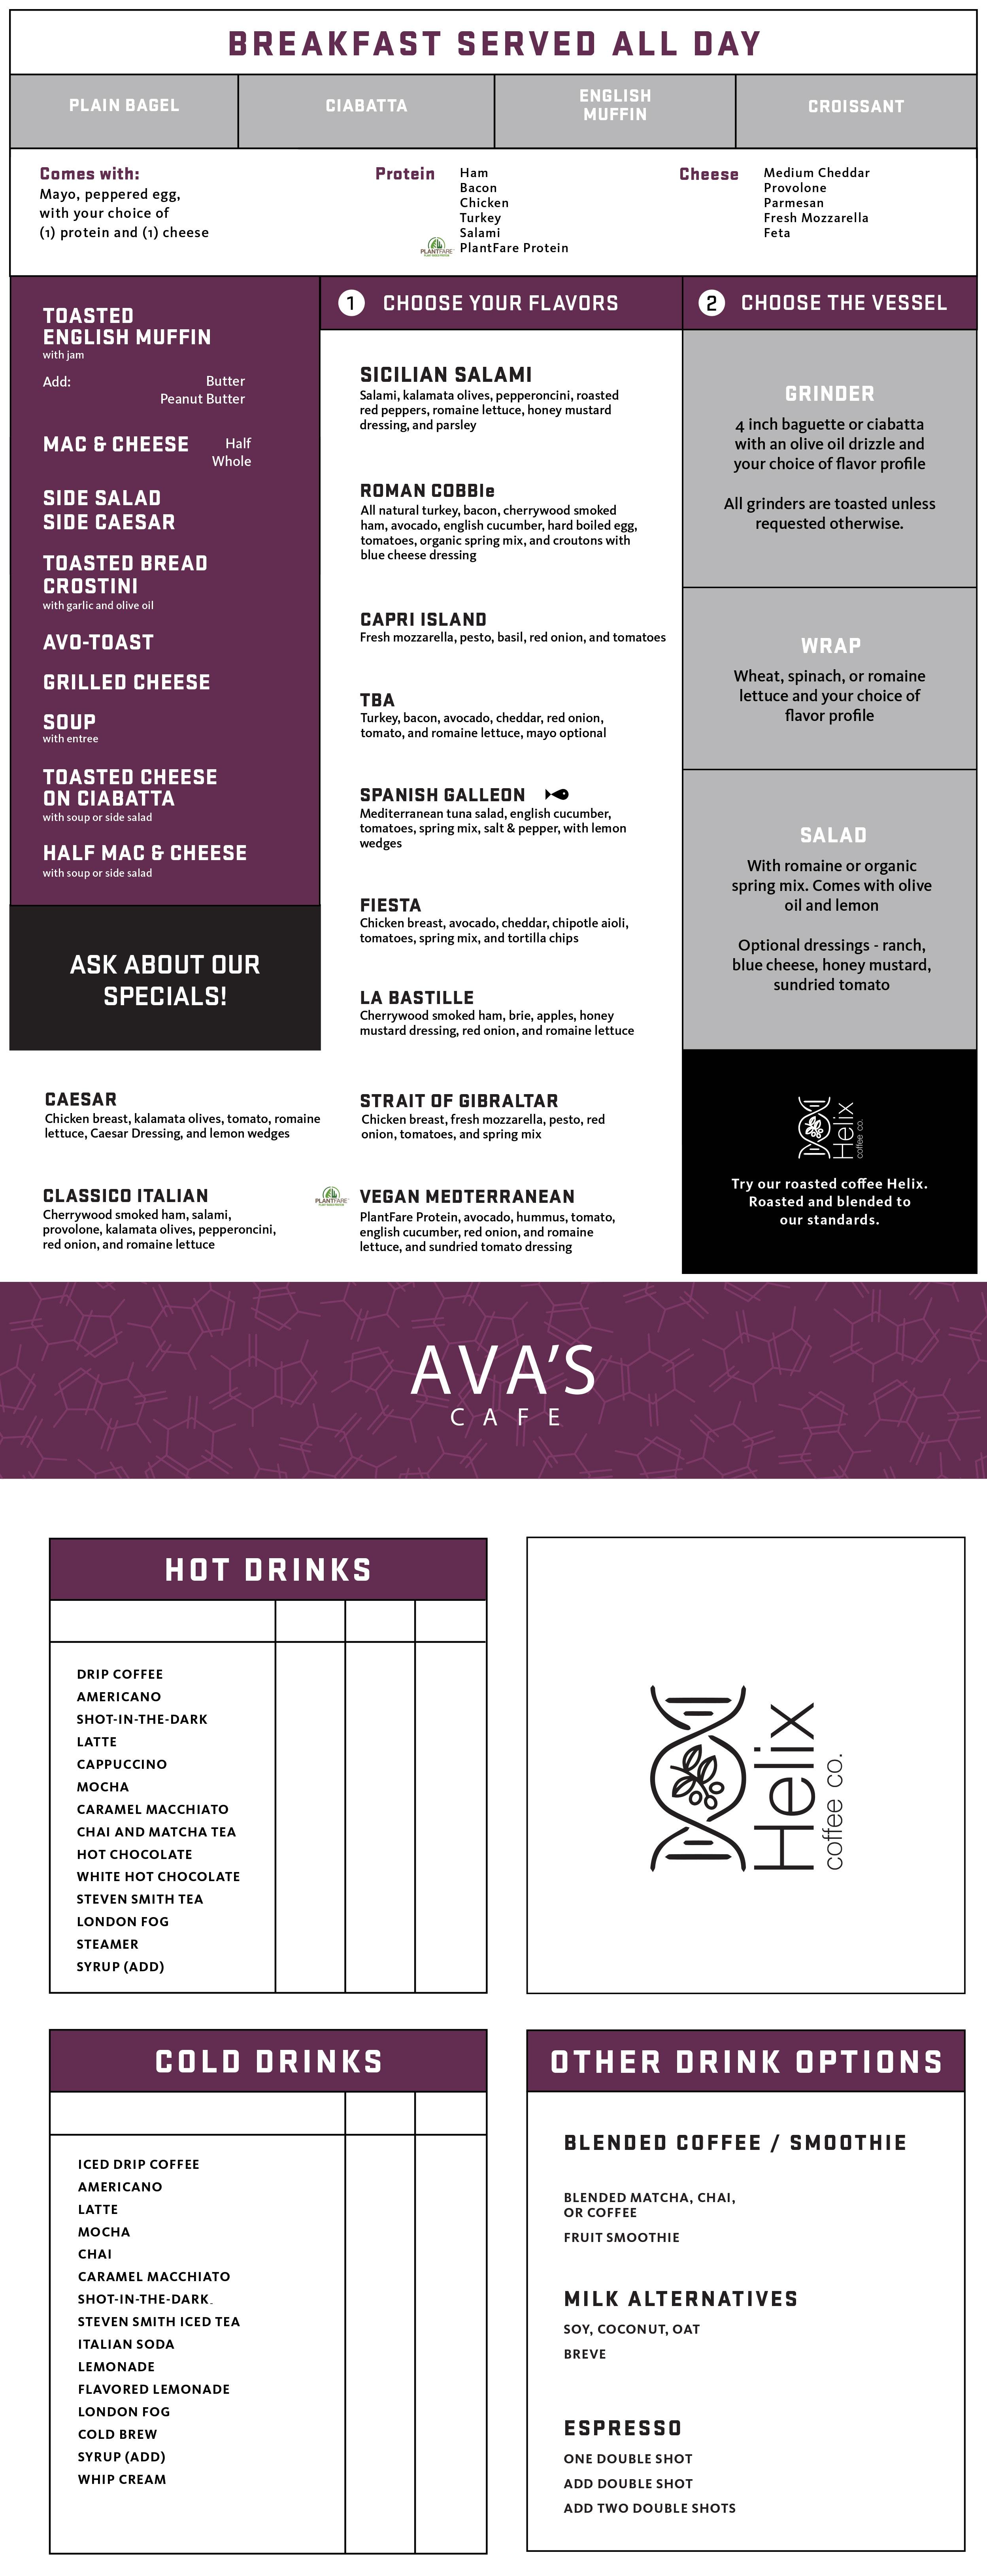 avas menu